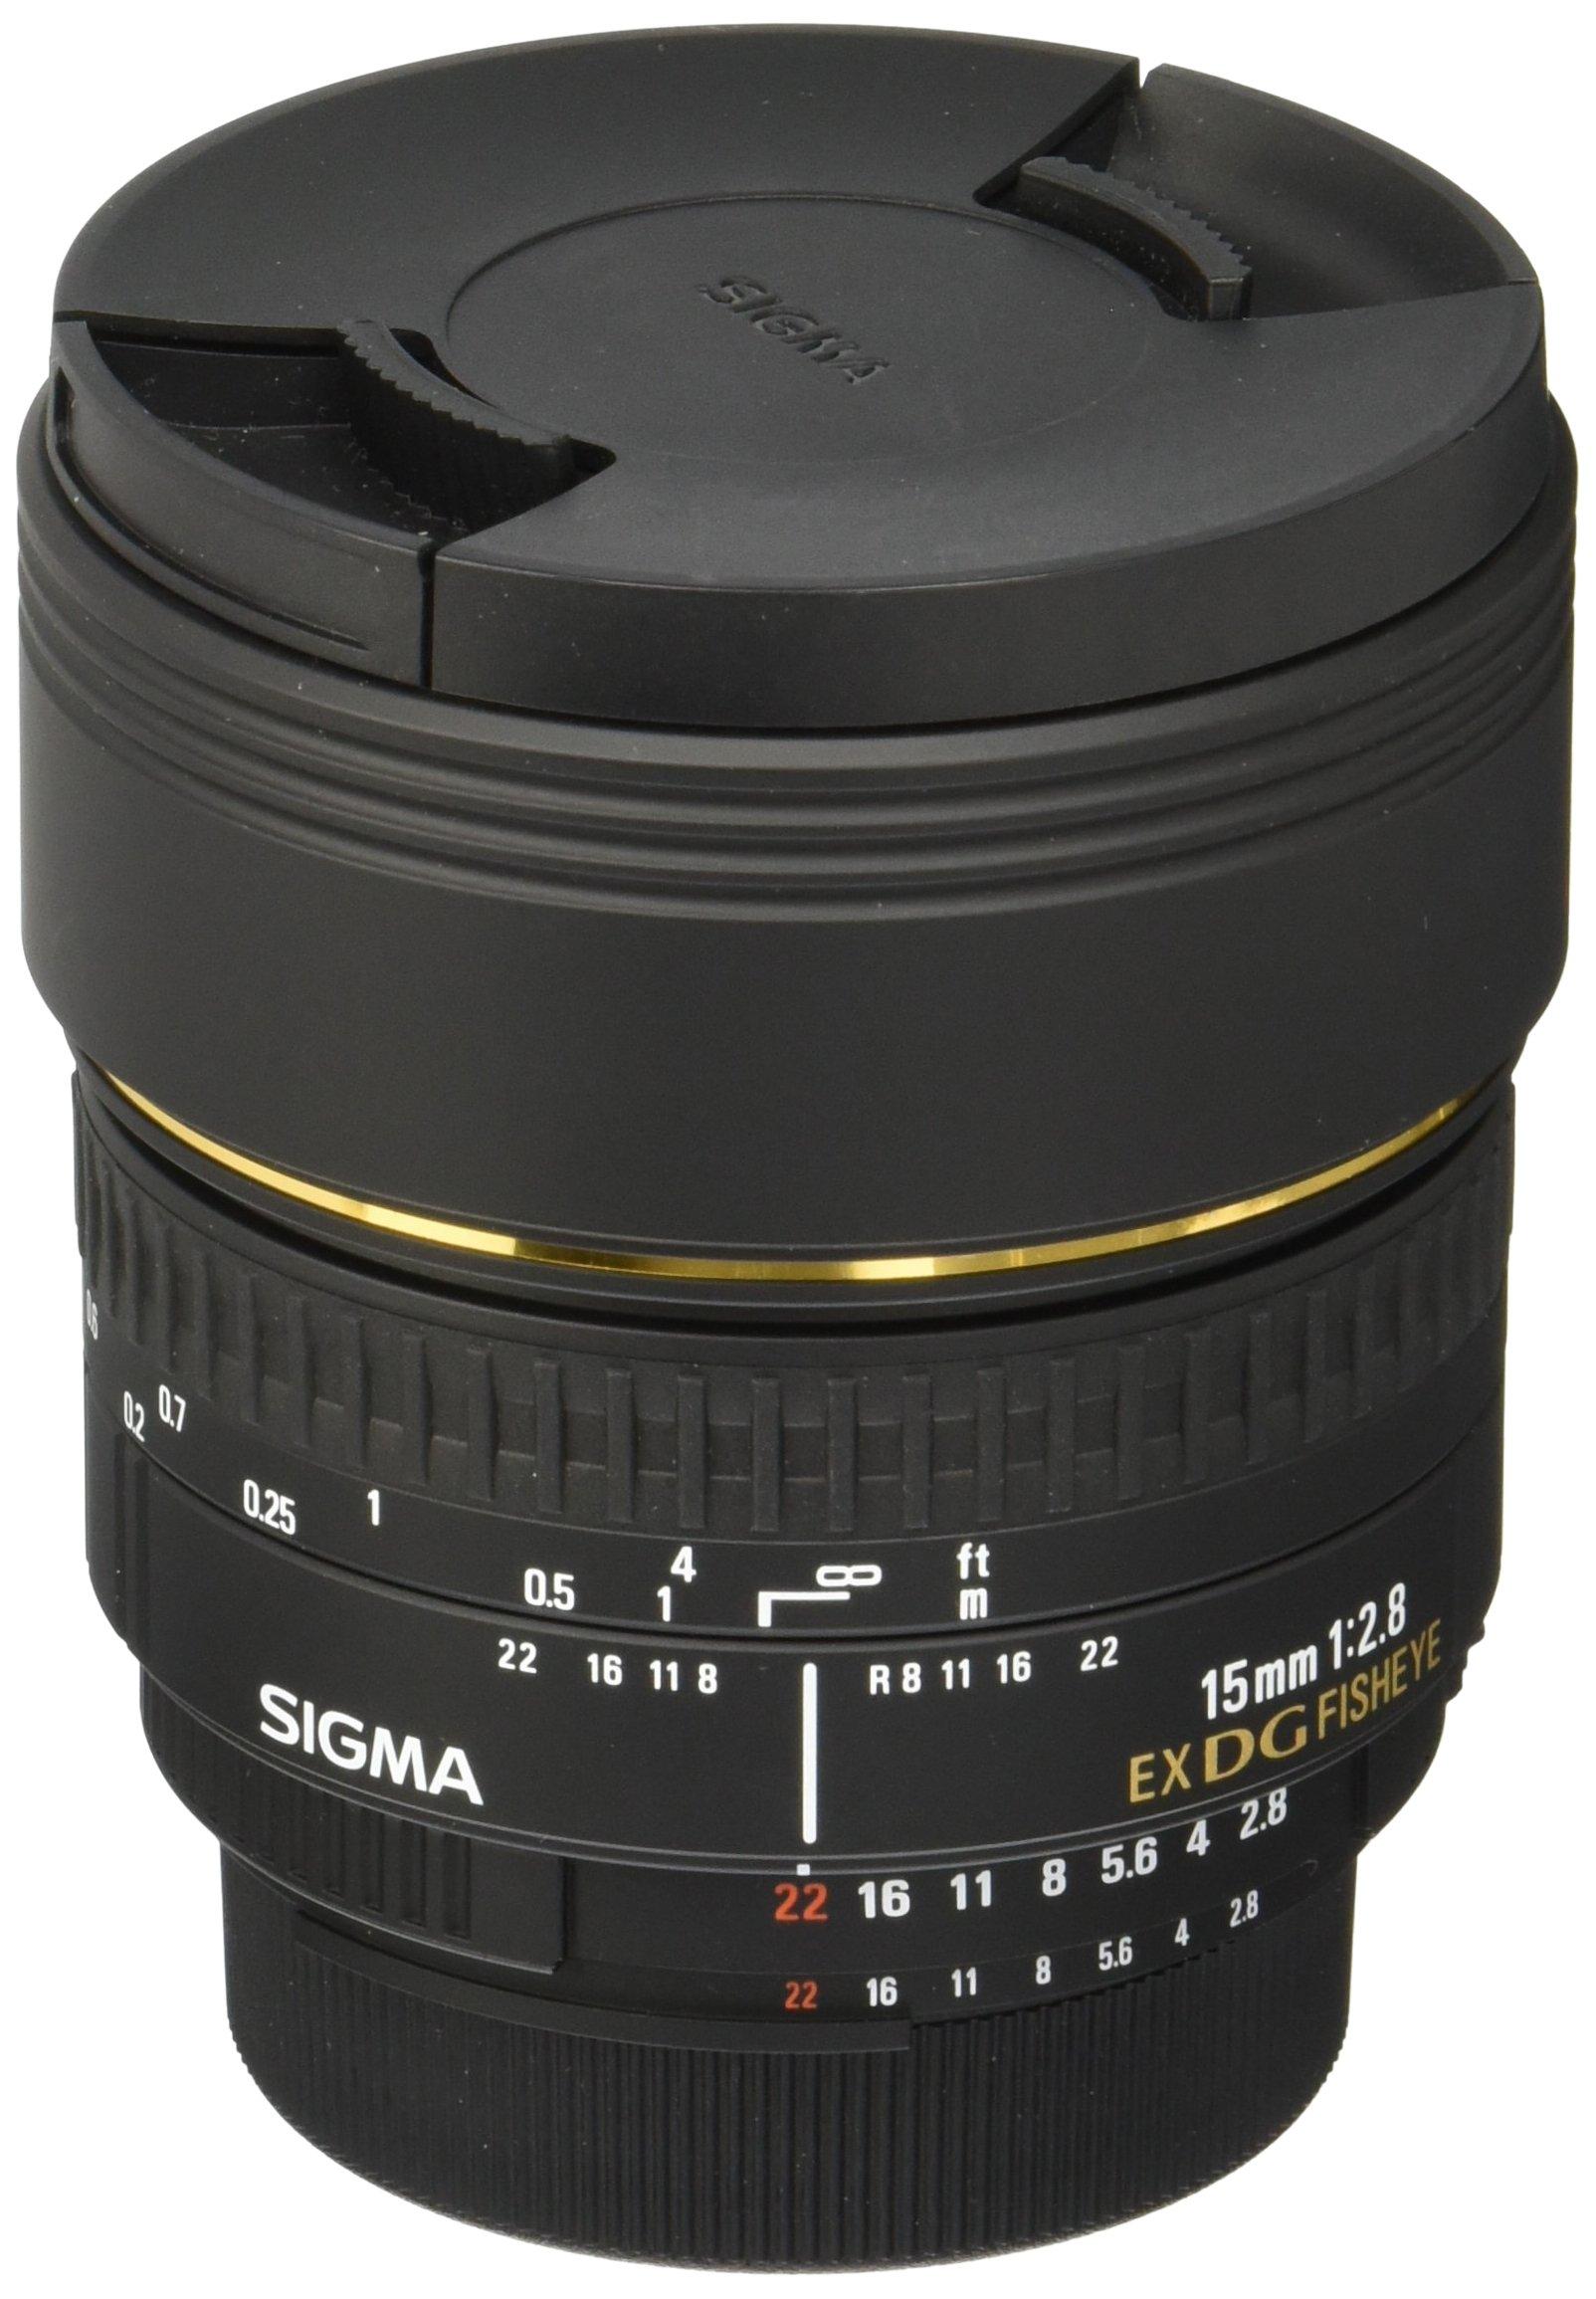 Sigma 15Mm F2.8 Af Ex Dg P.Nik